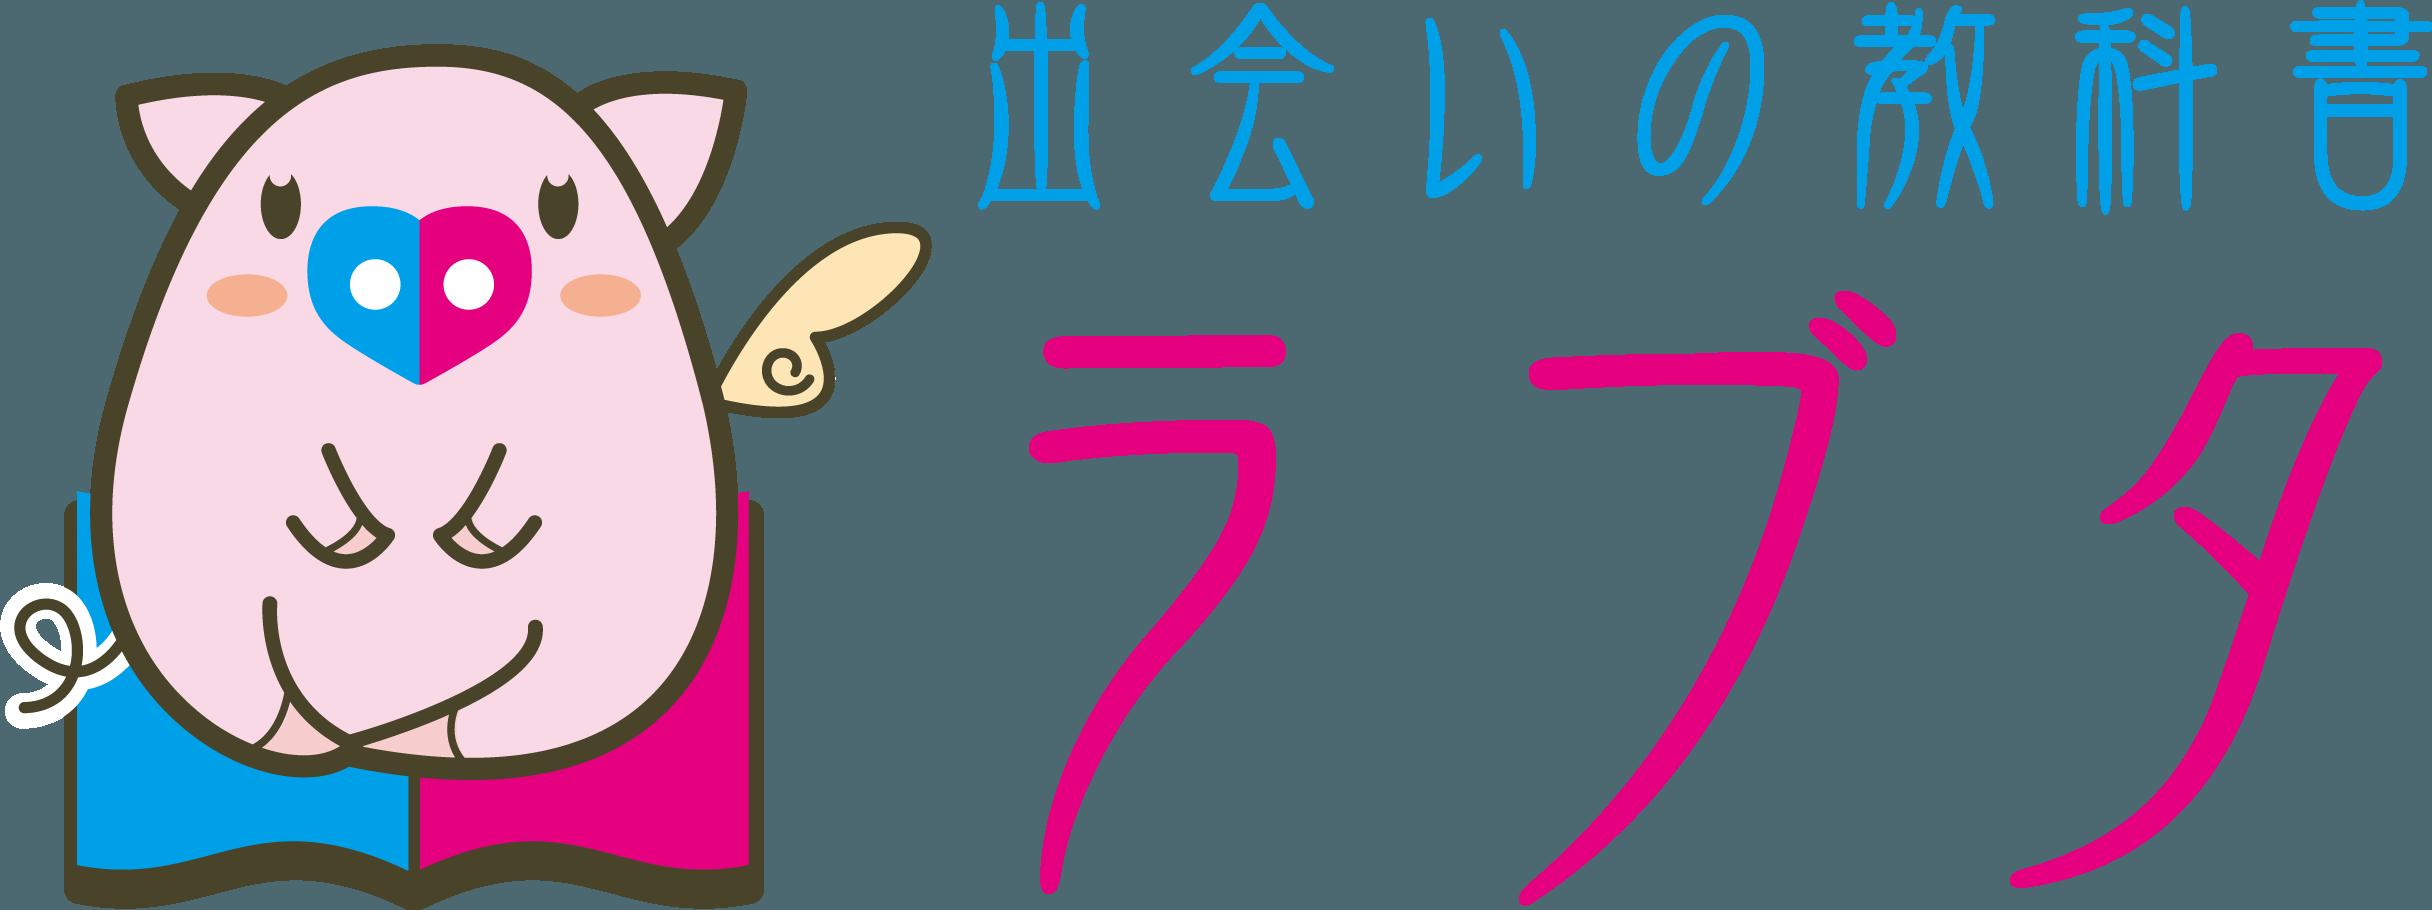 出会いの教科書【ラブタ】